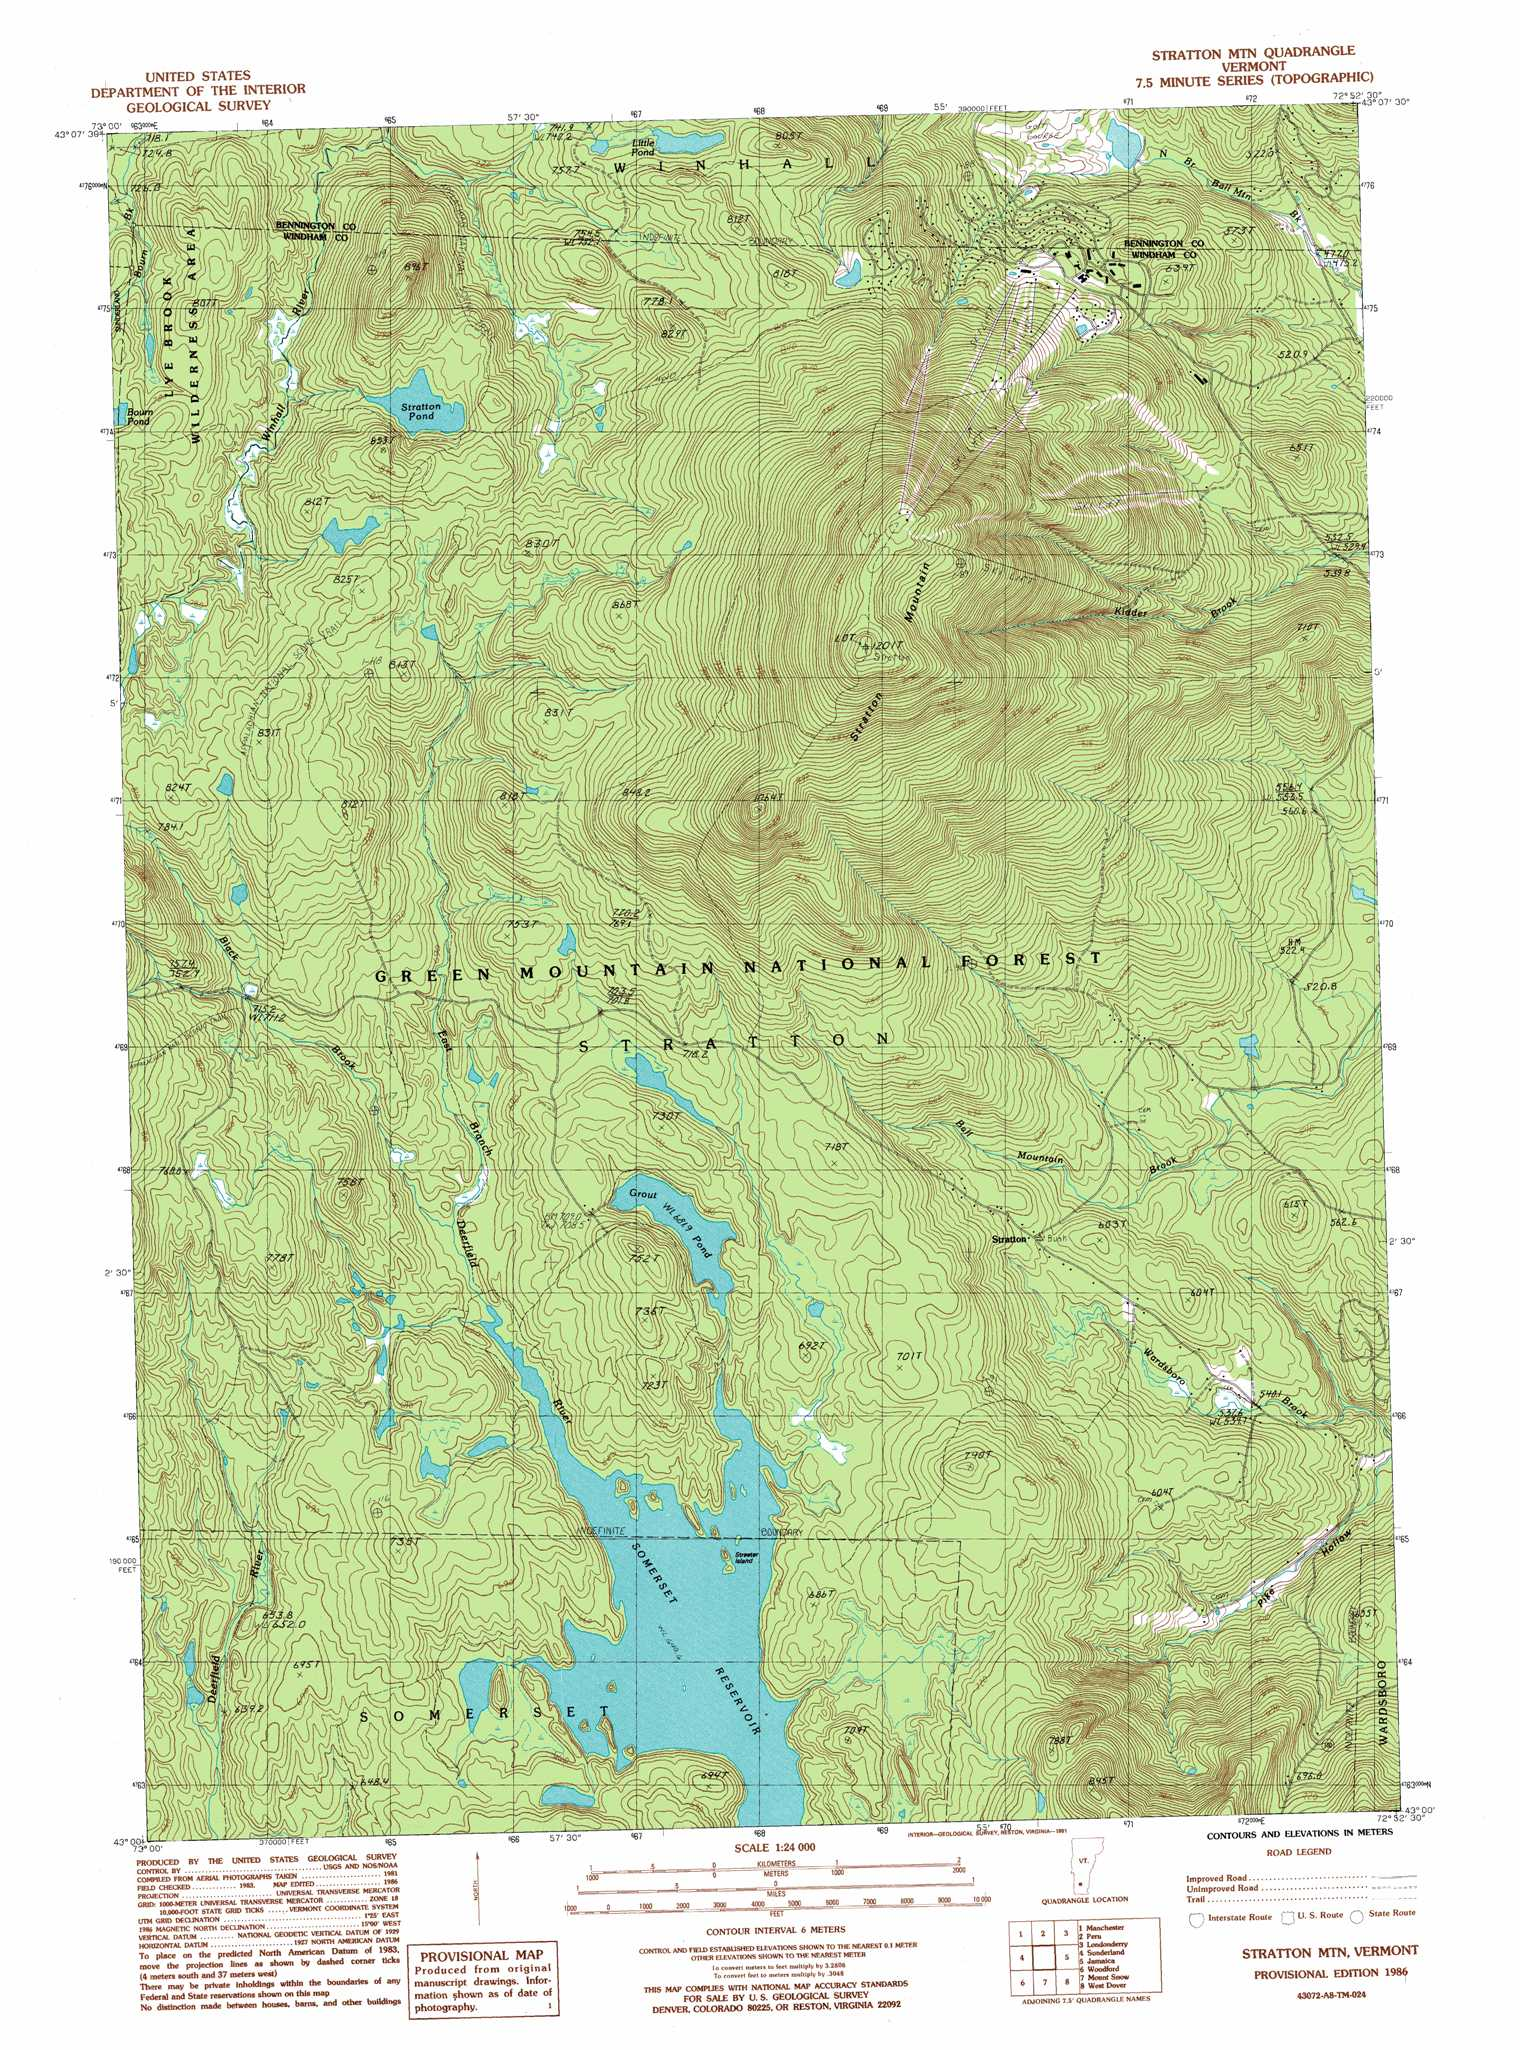 stratton mountain. stratton mountain topographic map vt  usgs topo quad a